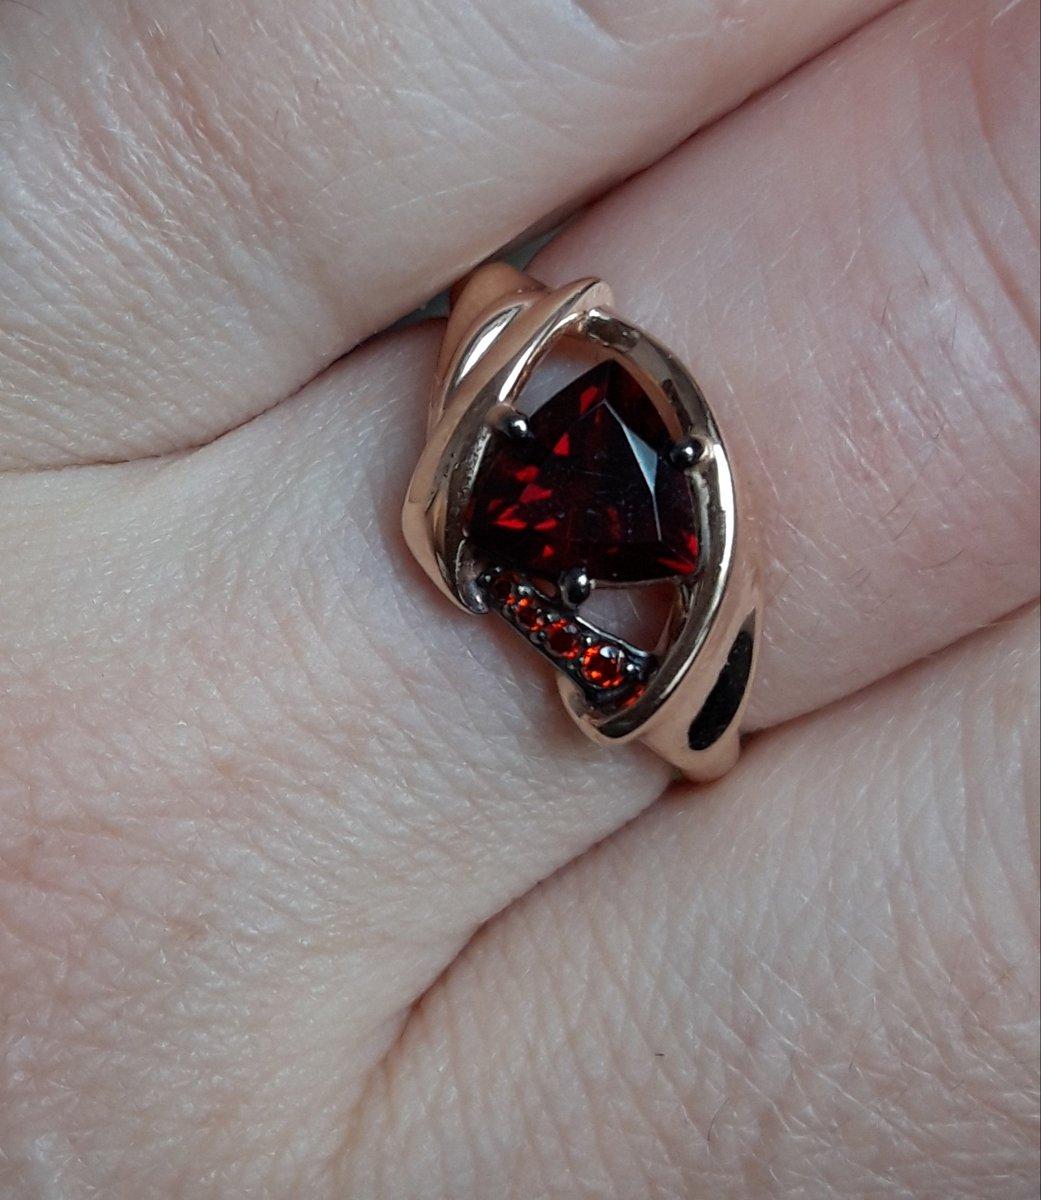 Очень красивое кольцо,гранат вкусный)) красный!